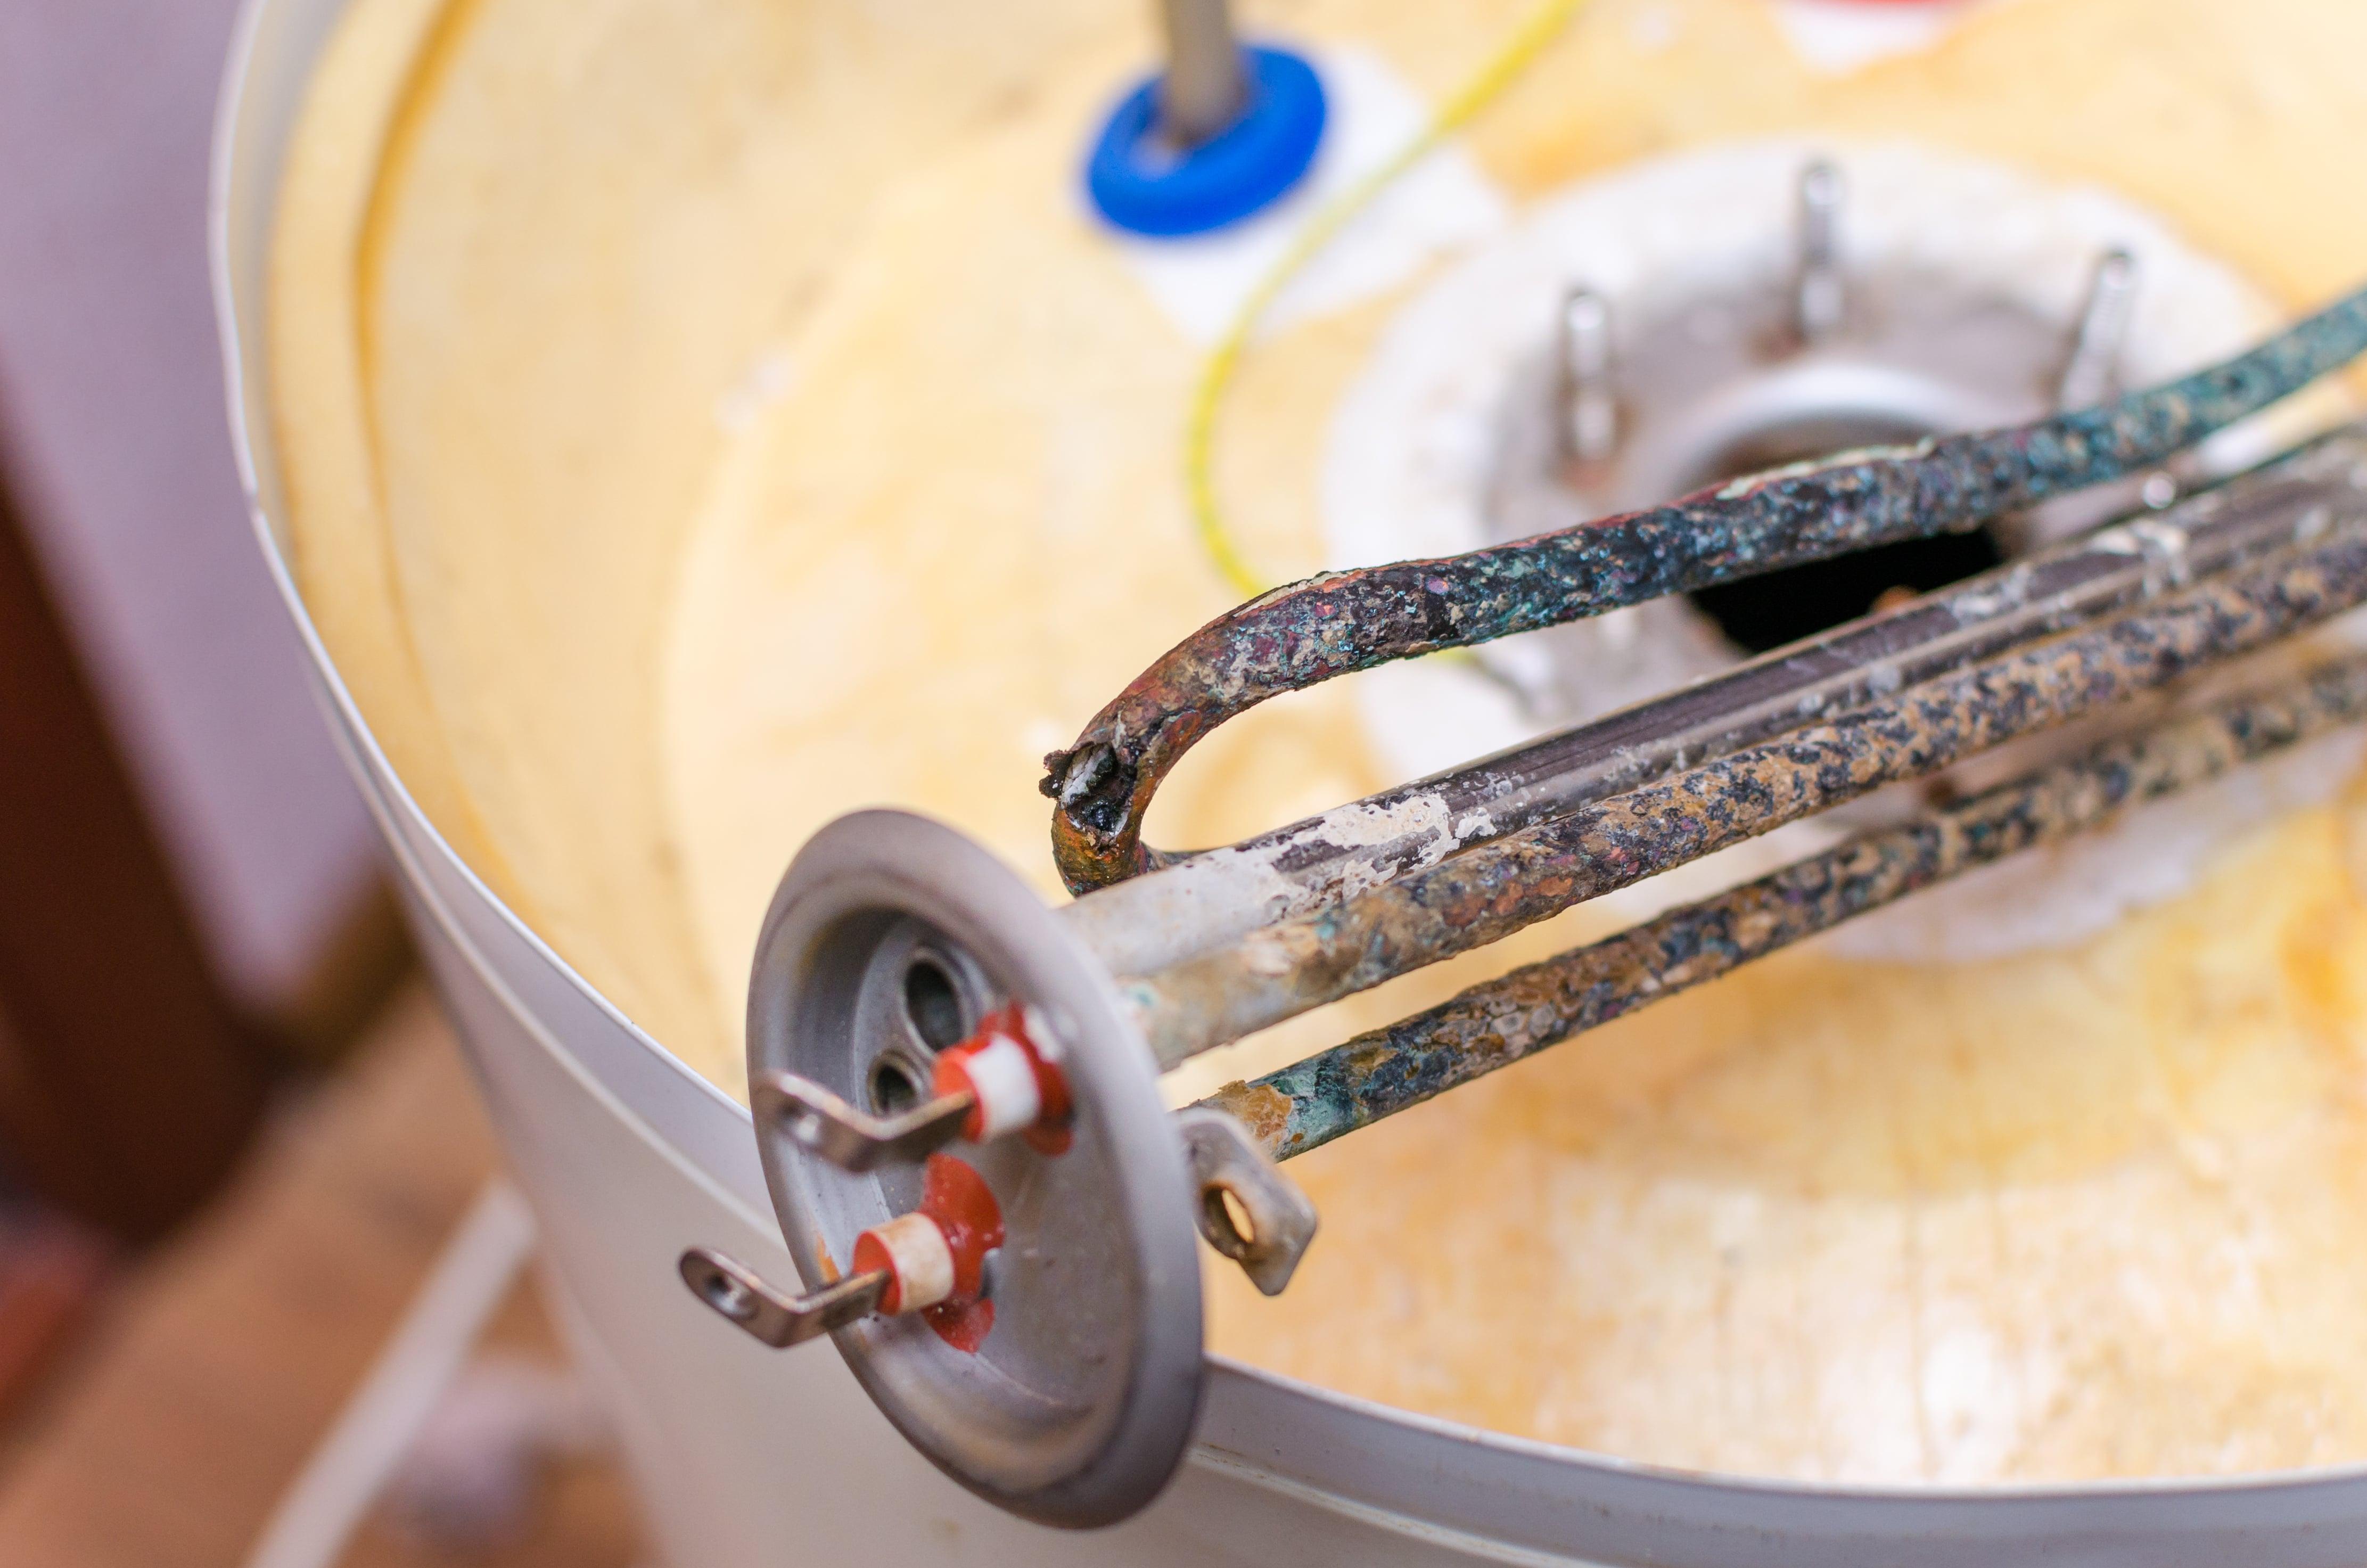 Sarasota Water Heater Disposal